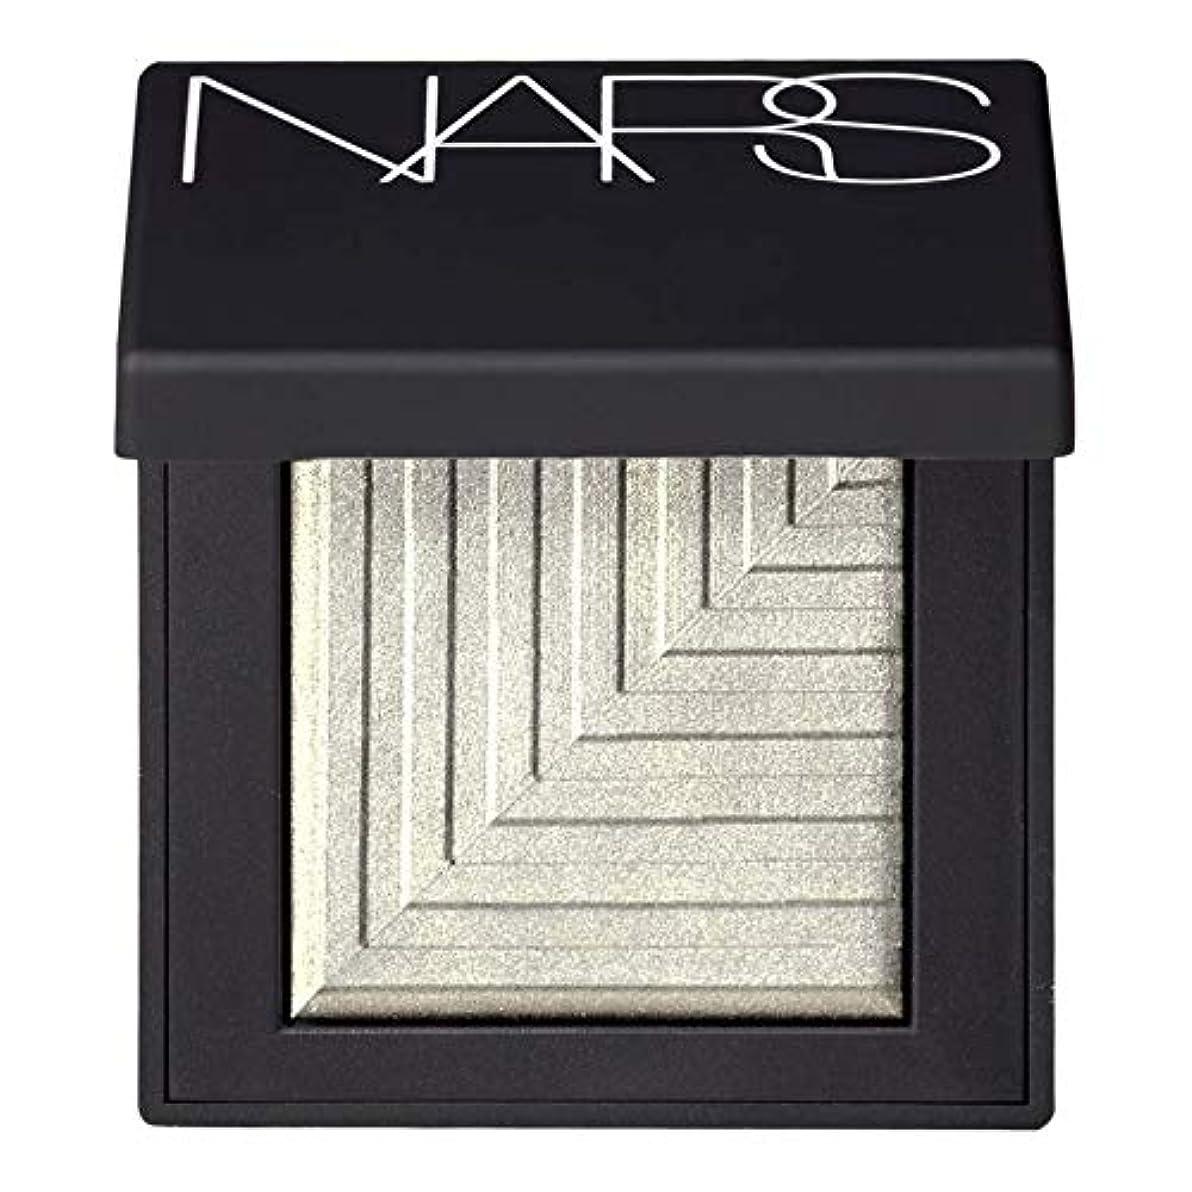 実験室ポケット精神[NARS] Narはデュアル強度アイシャドウアンタレス - Nars Dual Intensity Eyeshadow Antares [並行輸入品]